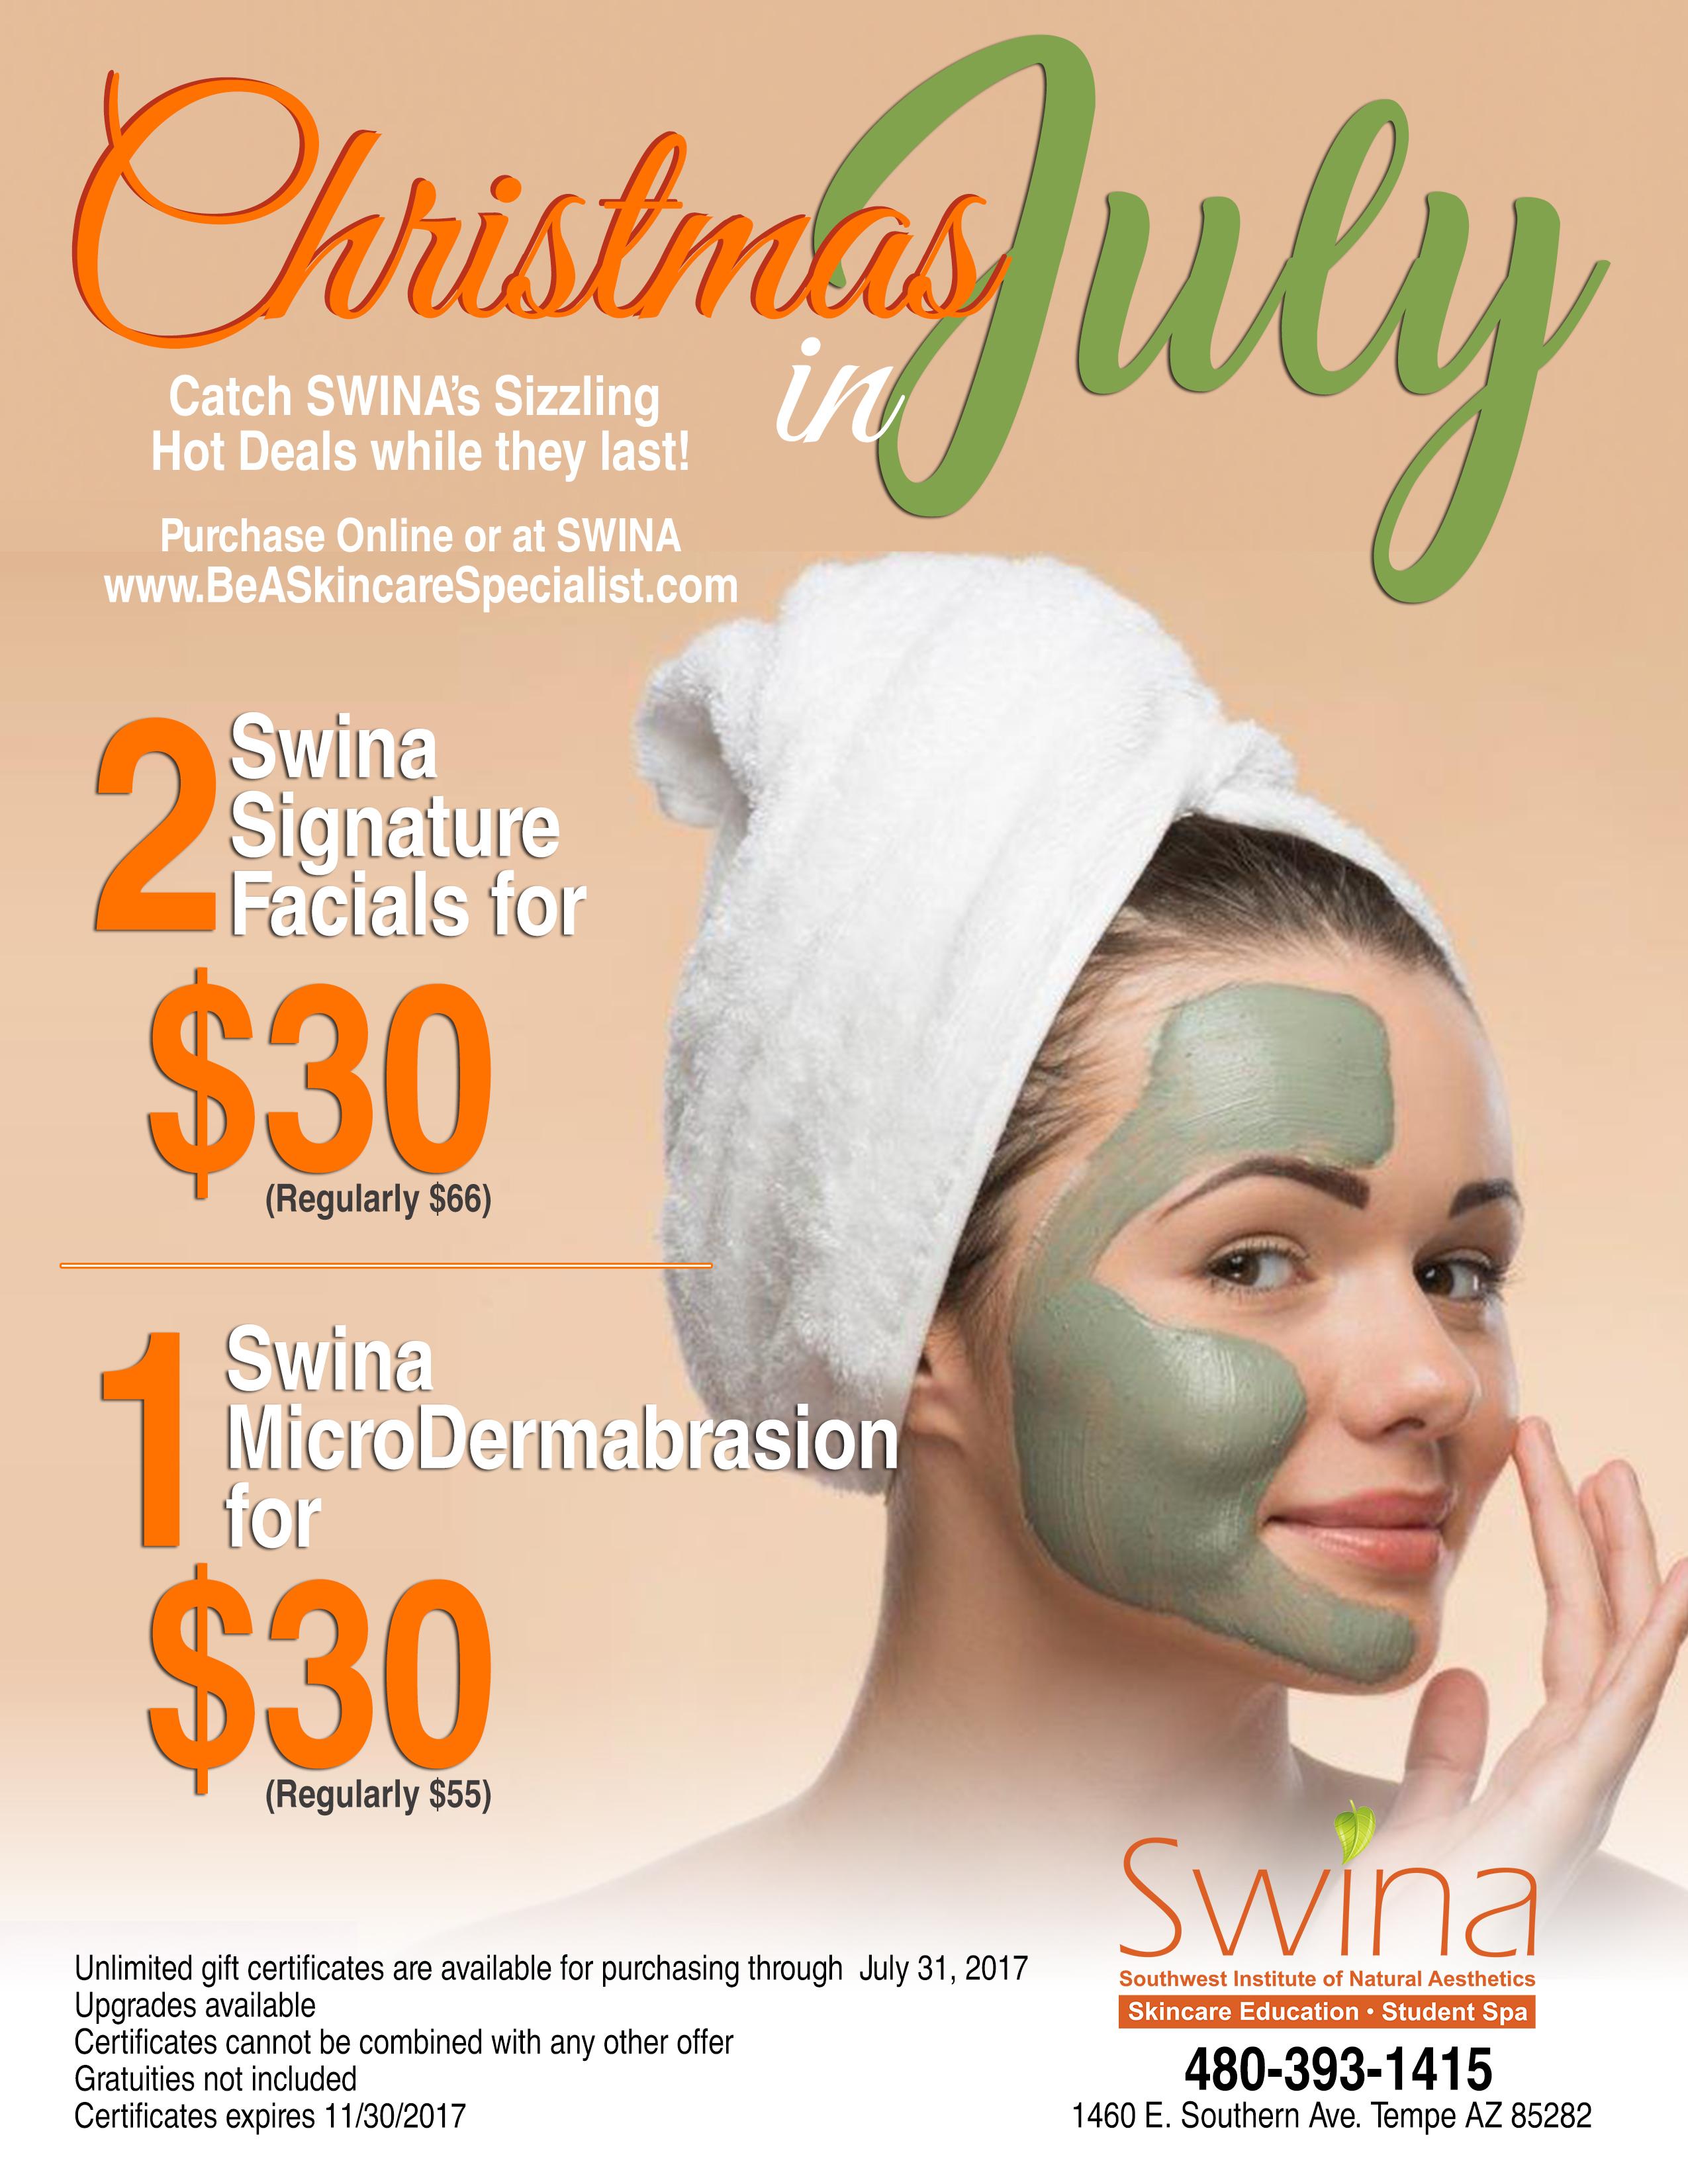 SWINA Clinic July Special